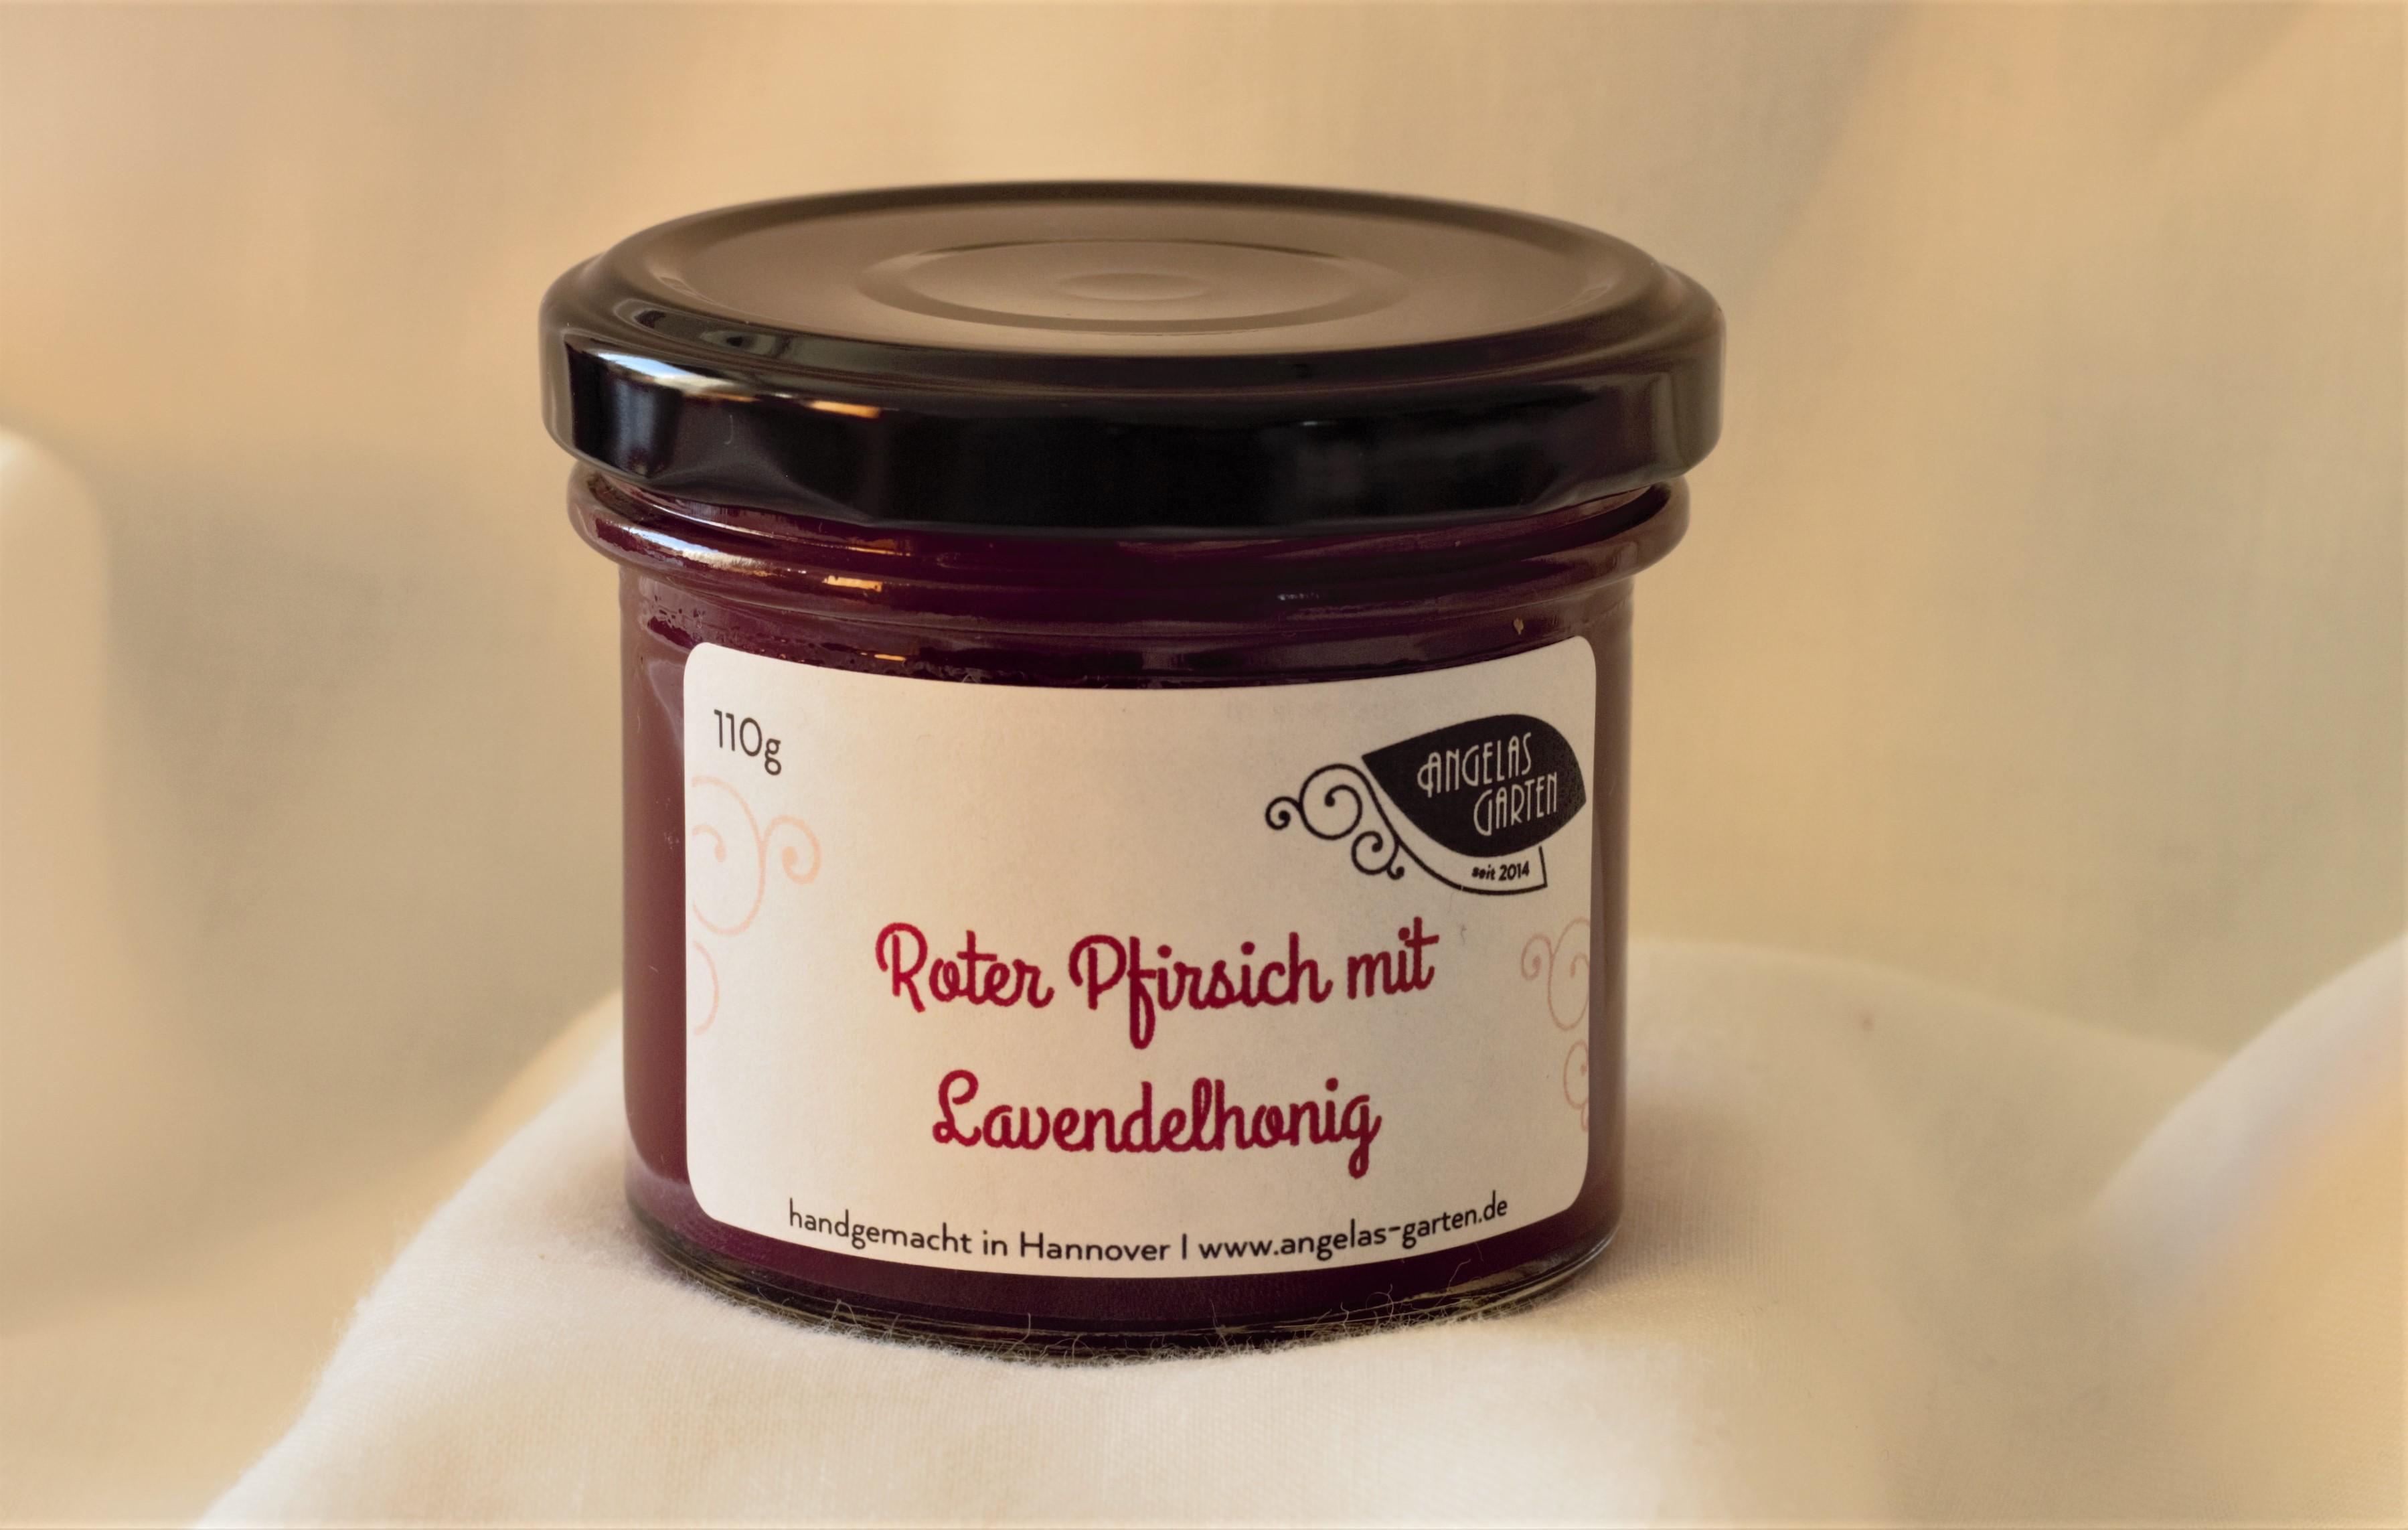 Roter Pfirsich mit Lavendelhonig 110g